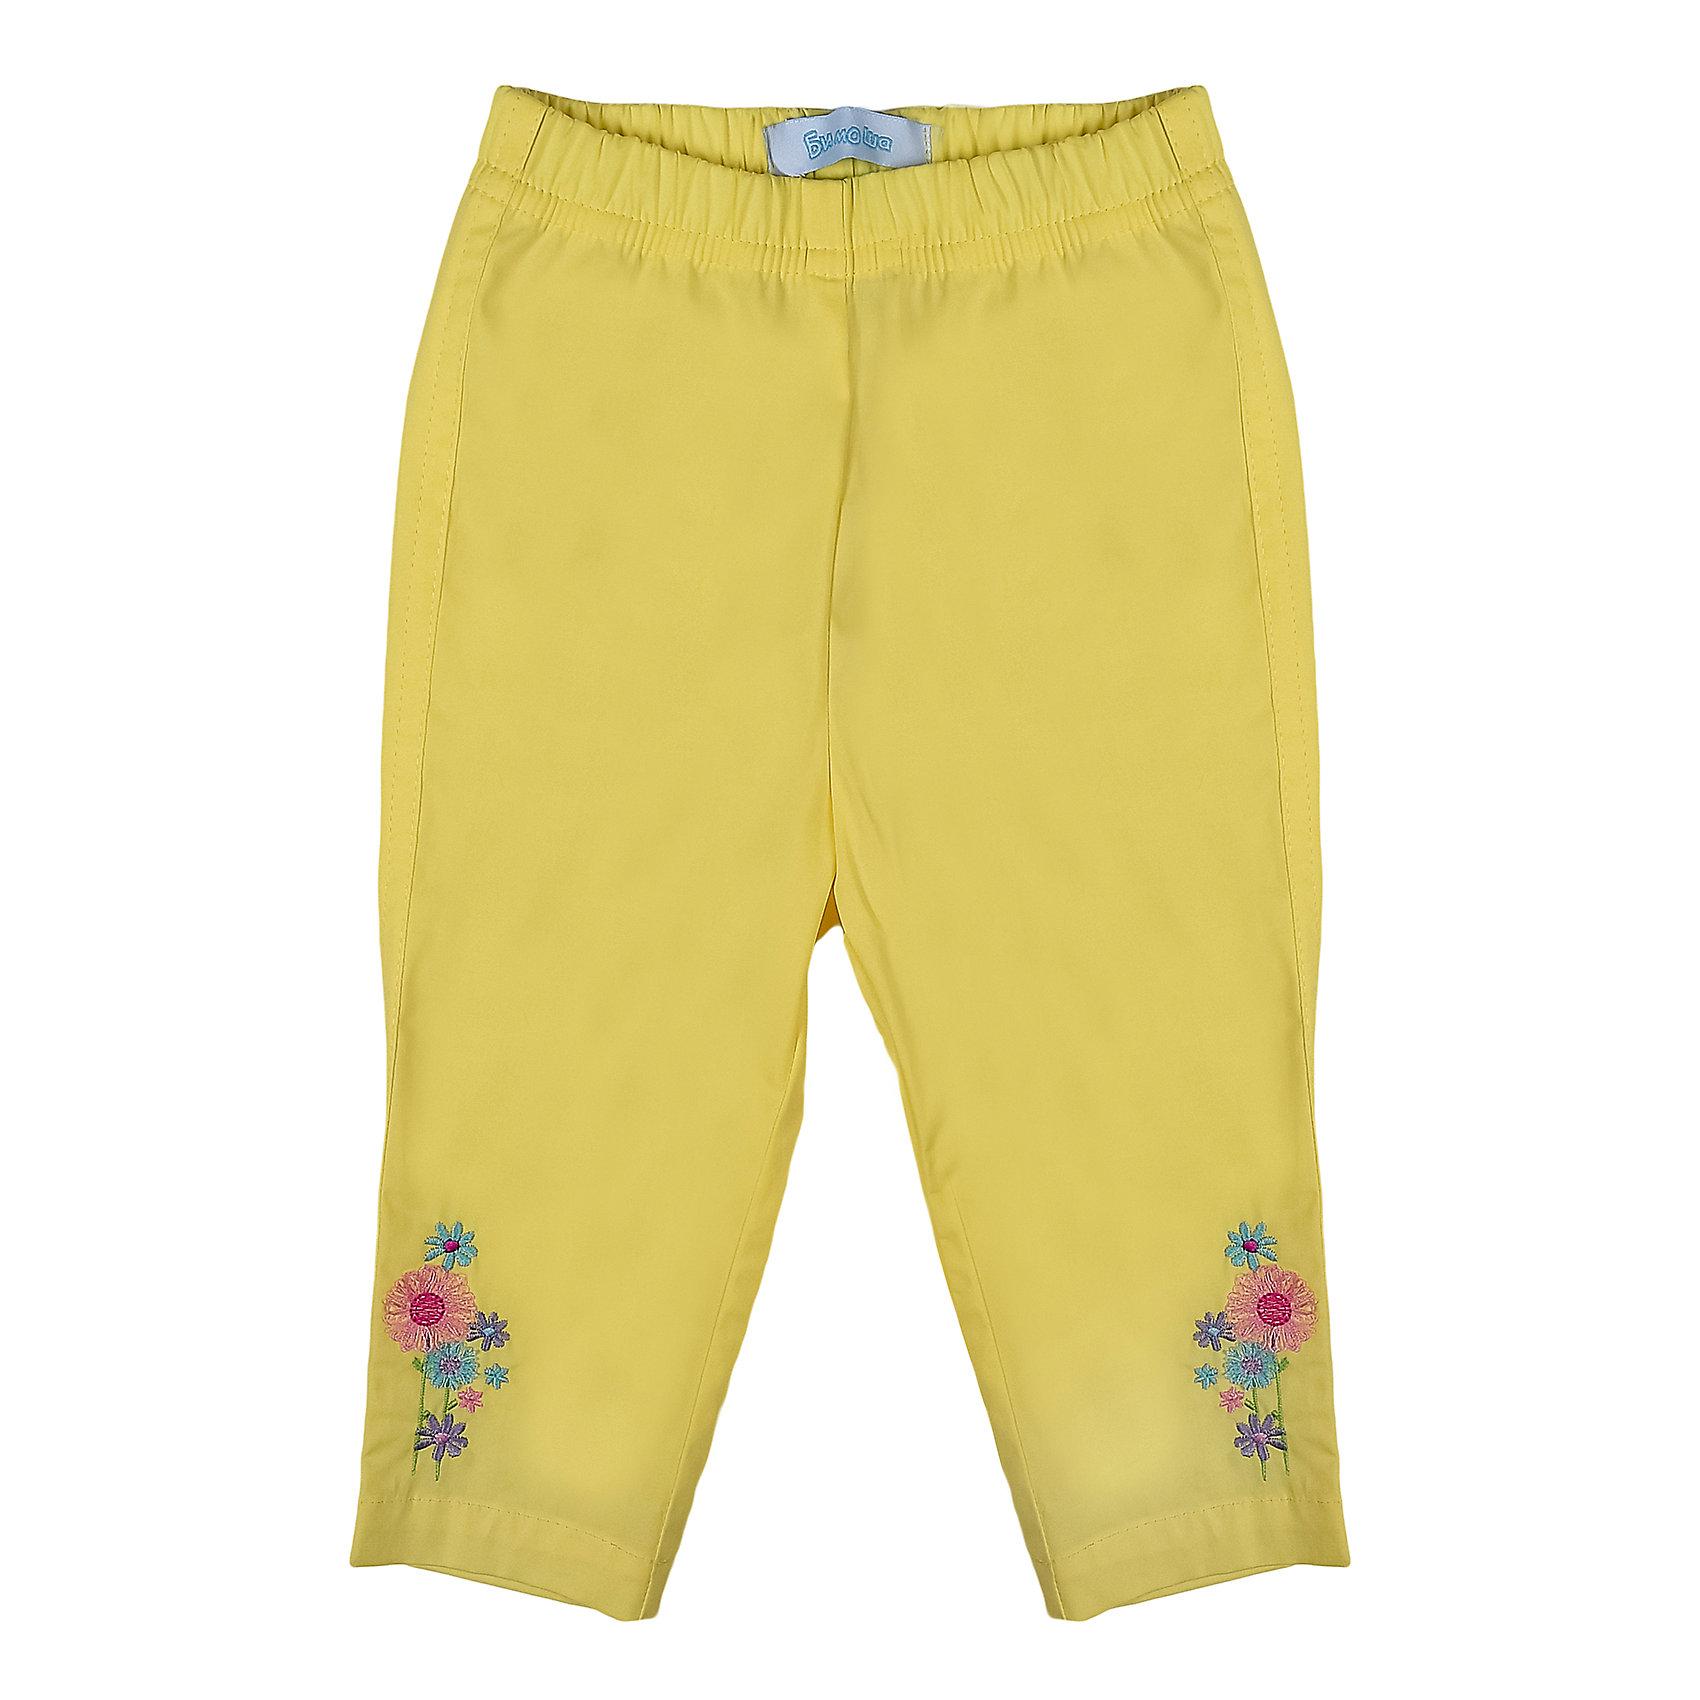 Брюки для девочки БимошаДжинсы и брючки<br>Однотонные зауженные брюки украшены вышивкой, пояс на резинке. Состав: Поплин 97% хлопок, 3% эластан<br><br>Ширина мм: 215<br>Глубина мм: 88<br>Высота мм: 191<br>Вес г: 336<br>Цвет: желтый<br>Возраст от месяцев: 18<br>Возраст до месяцев: 24<br>Пол: Женский<br>Возраст: Детский<br>Размер: 92,86,80,68,74<br>SKU: 4645360